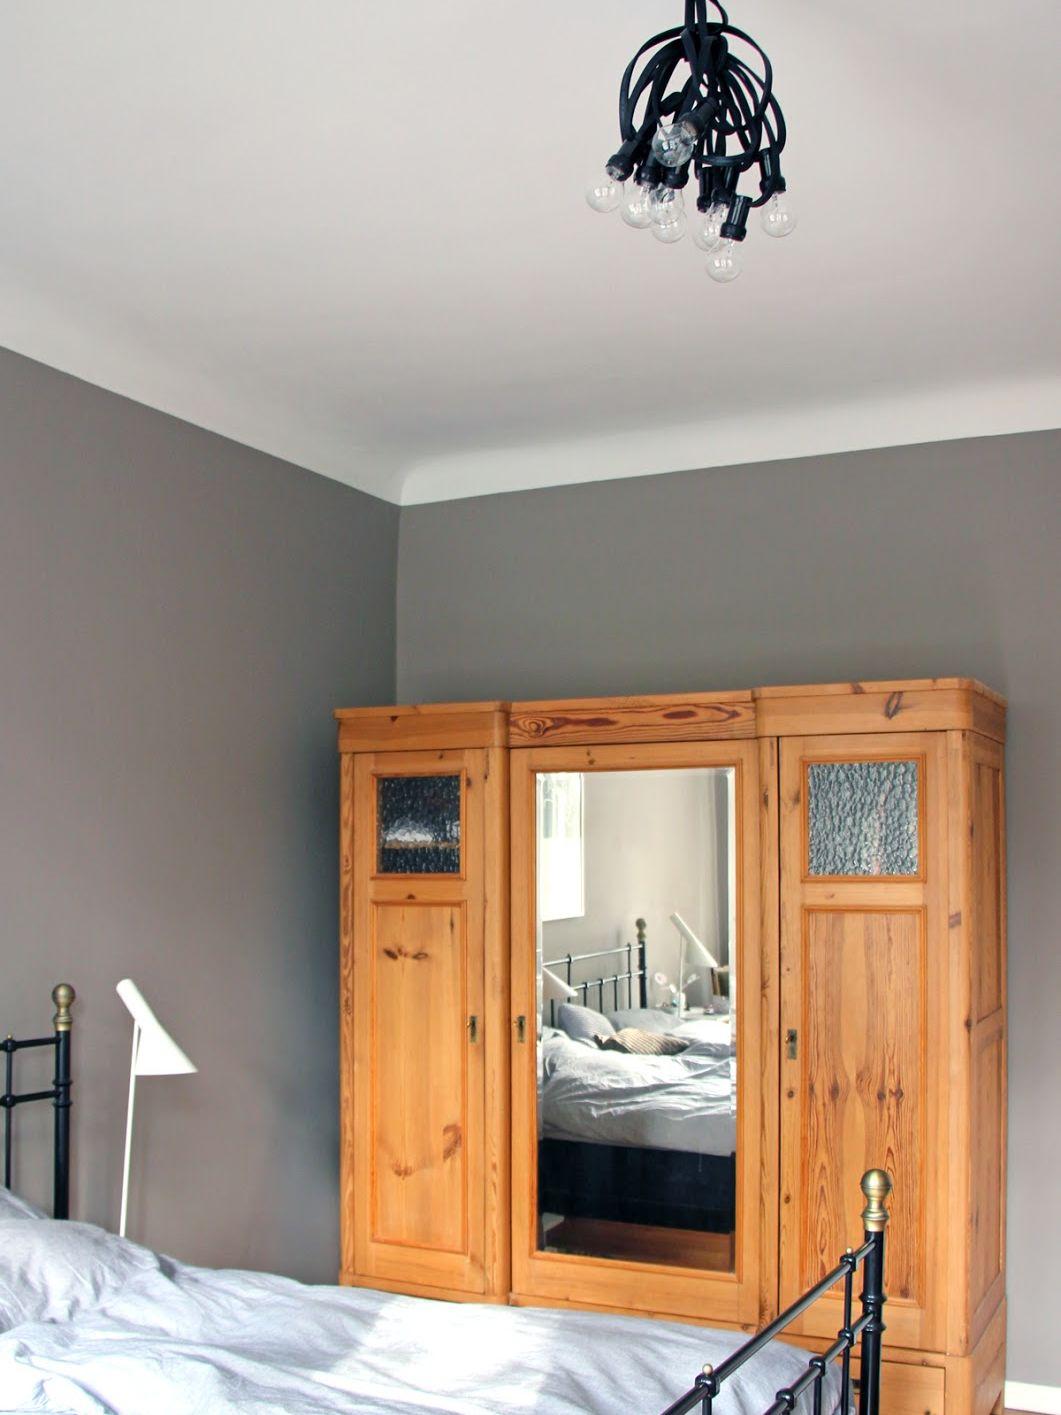 schlafzimmer ideen schweden schlafzimmer unterm dach g nstig schlafsofas m bel berning rheine. Black Bedroom Furniture Sets. Home Design Ideas